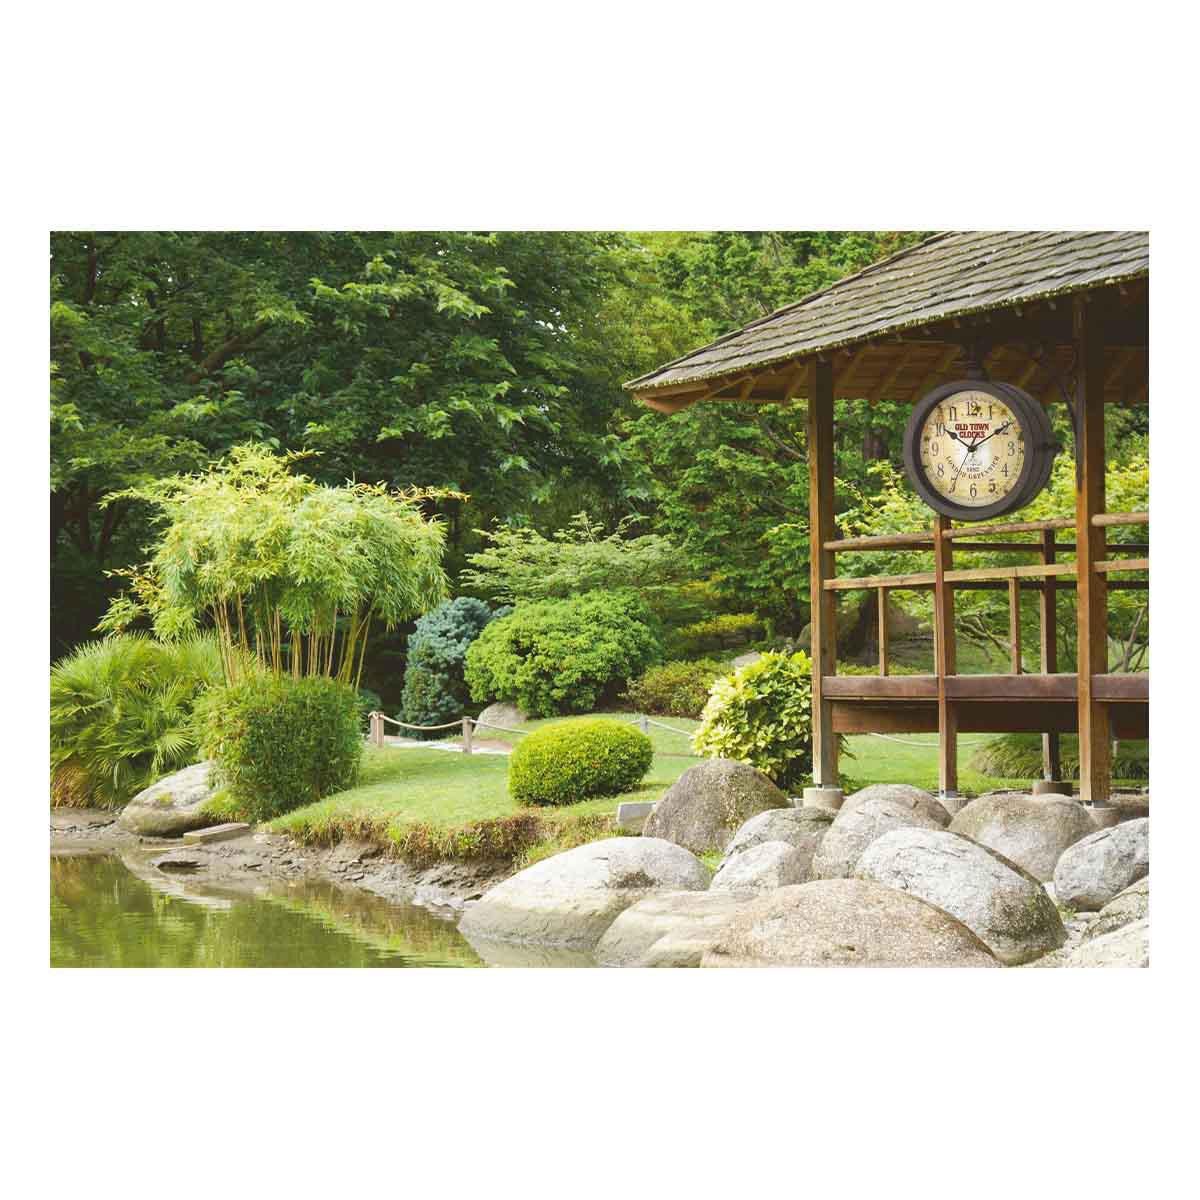 60-3011-wanduhr-thermometer-nostalgie-anwendung-1200x1200px.jpg